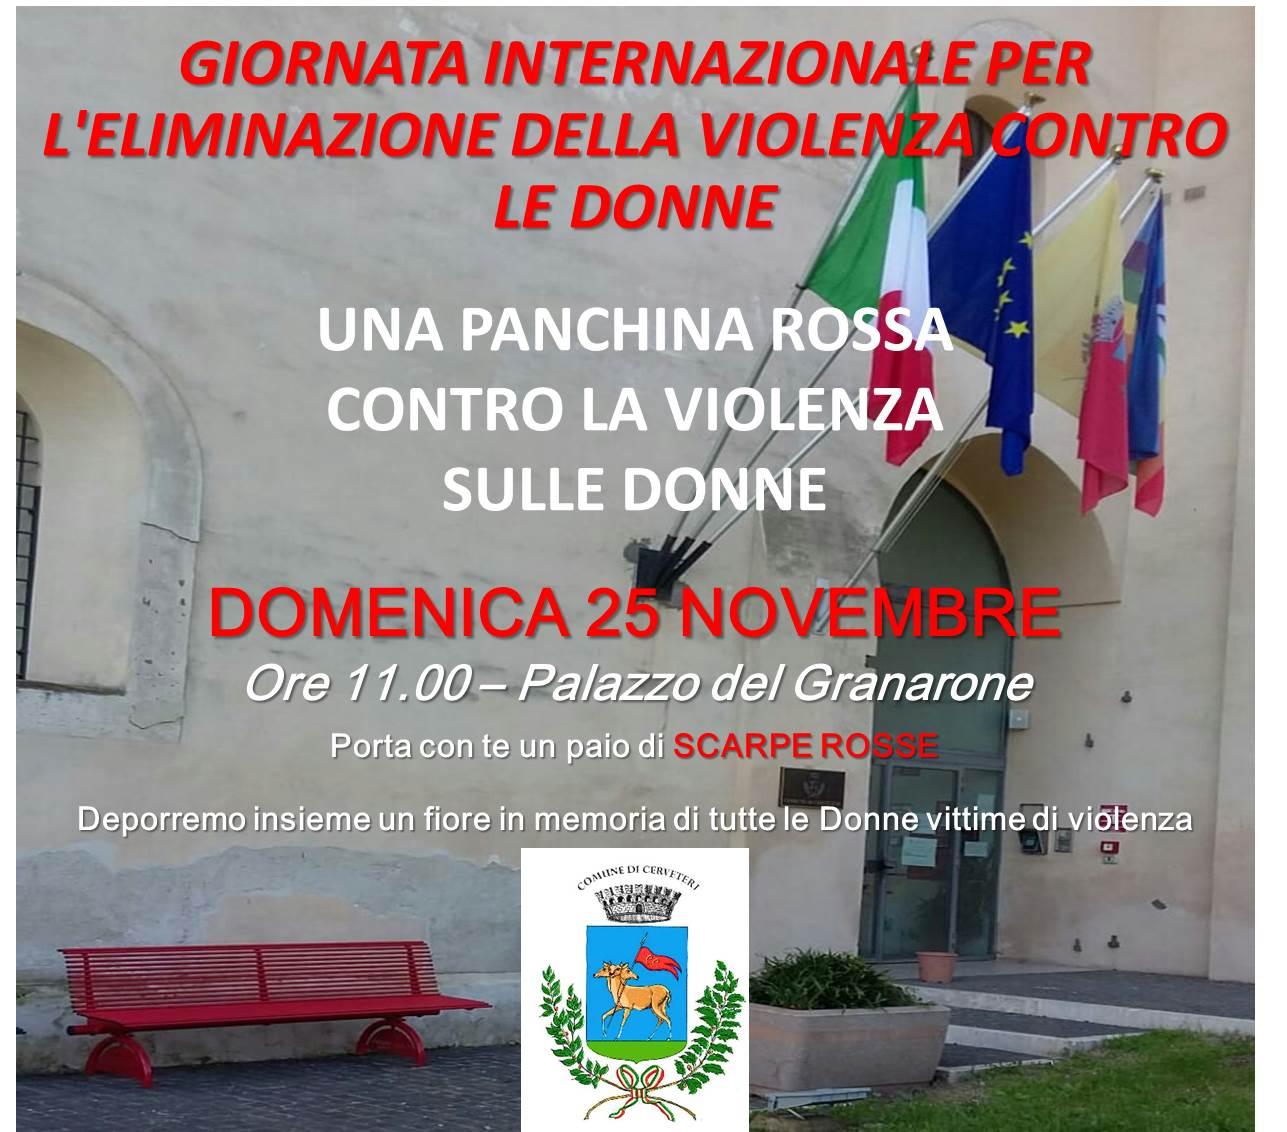 Giornata internazionale per l'eliminazione della violenza contro le donne: al Granarone inaugurazione della Panchina Rossa